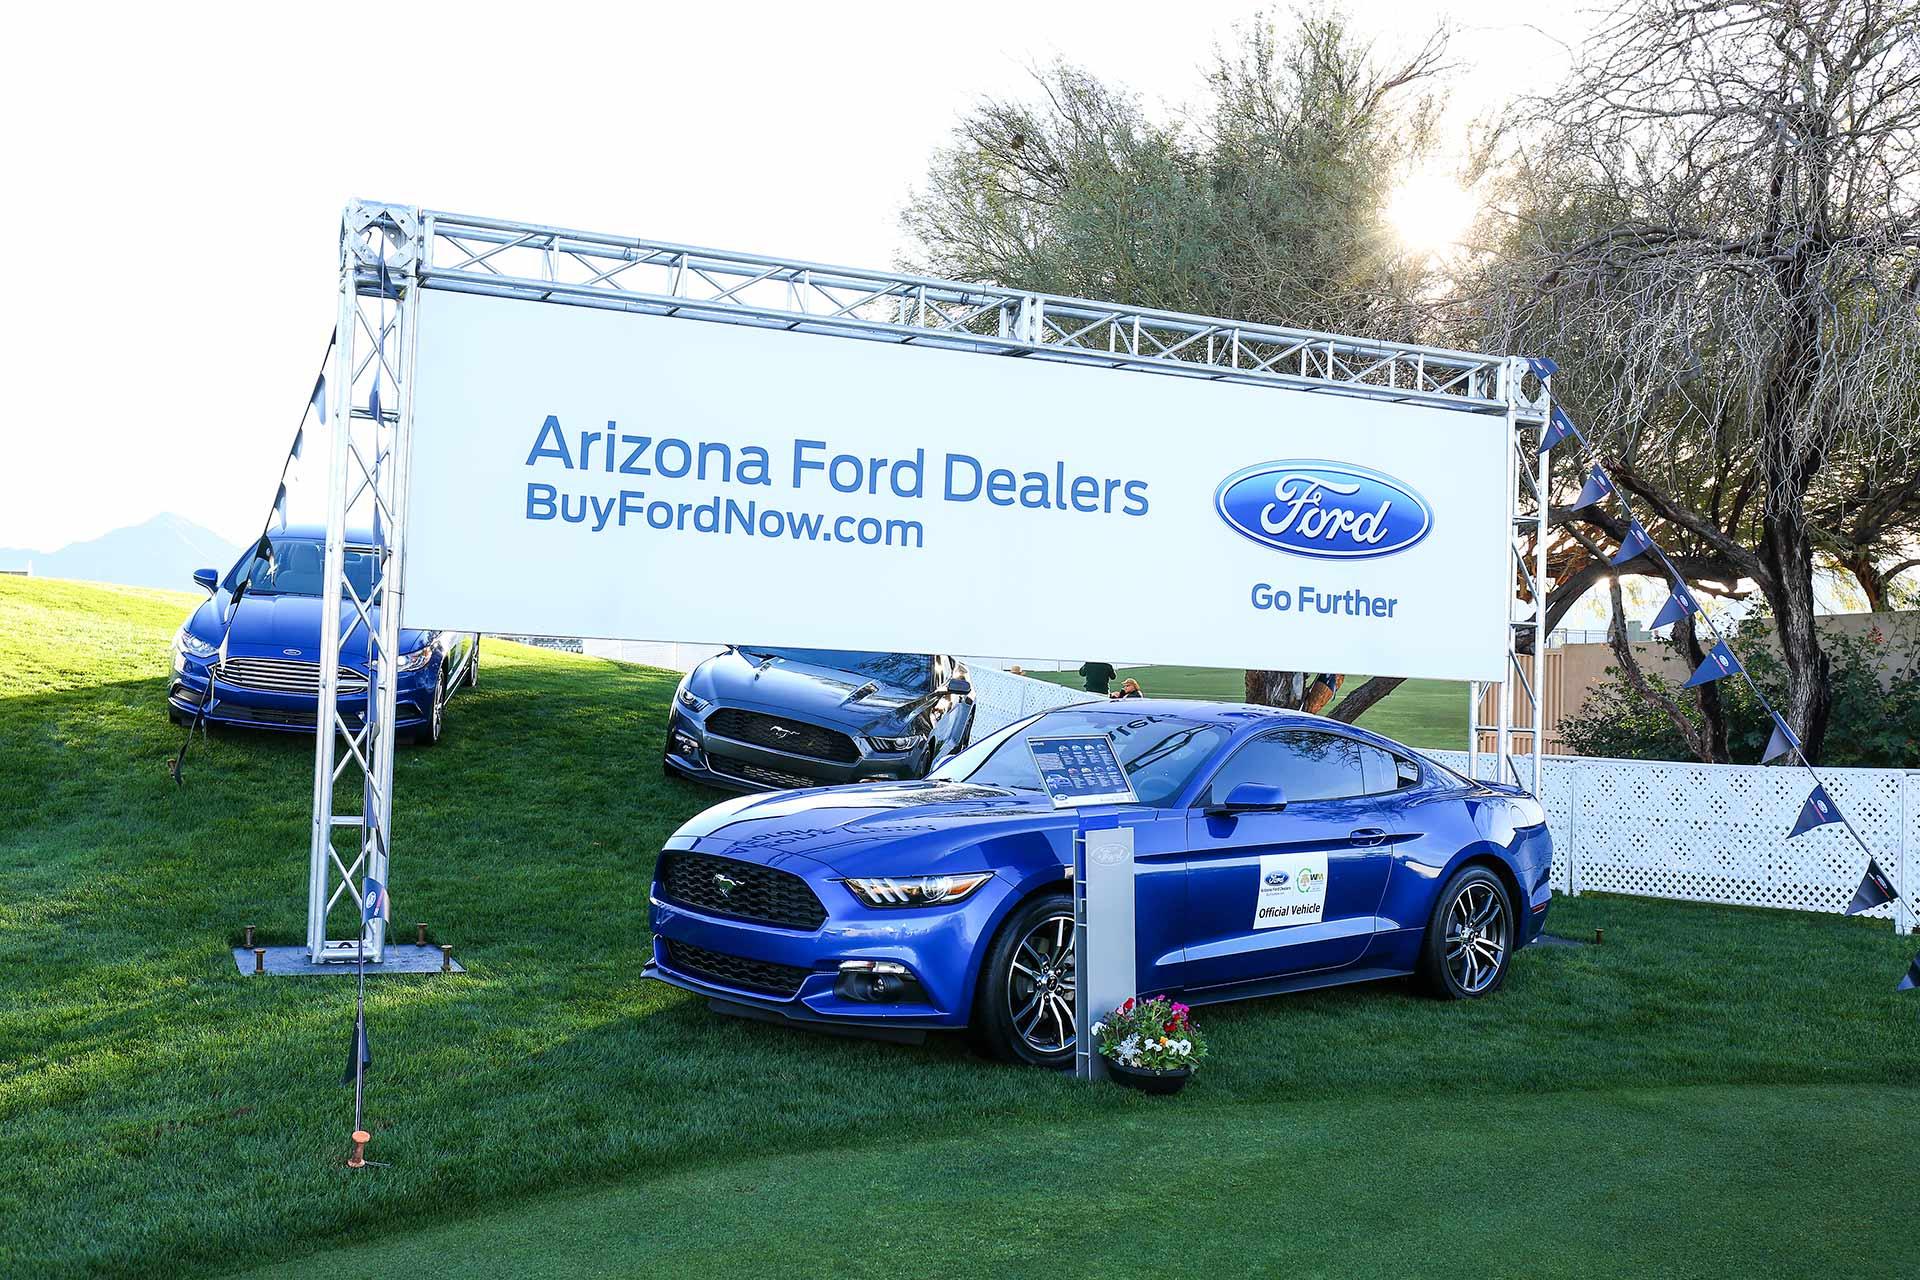 Phoenix Az Ford Dealers Best Image FiccioNet - Ford dealers az